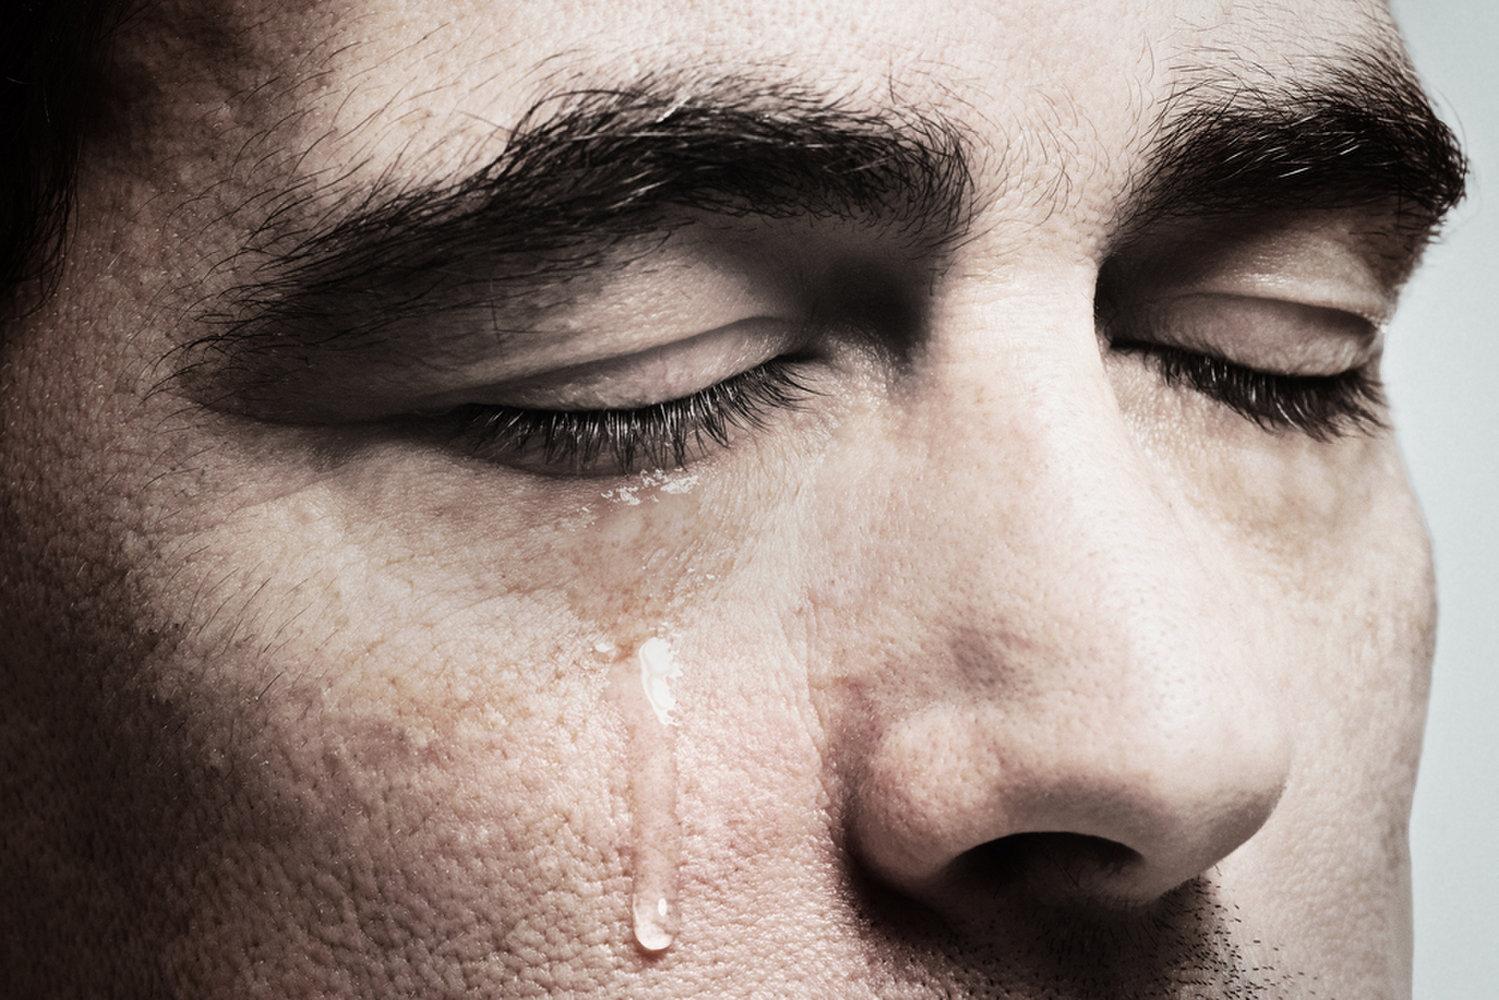 بالصور صور حزينة صور حزينة جدا اجمل صور حزينة , بوستات حزن وزعل والم 4335 3